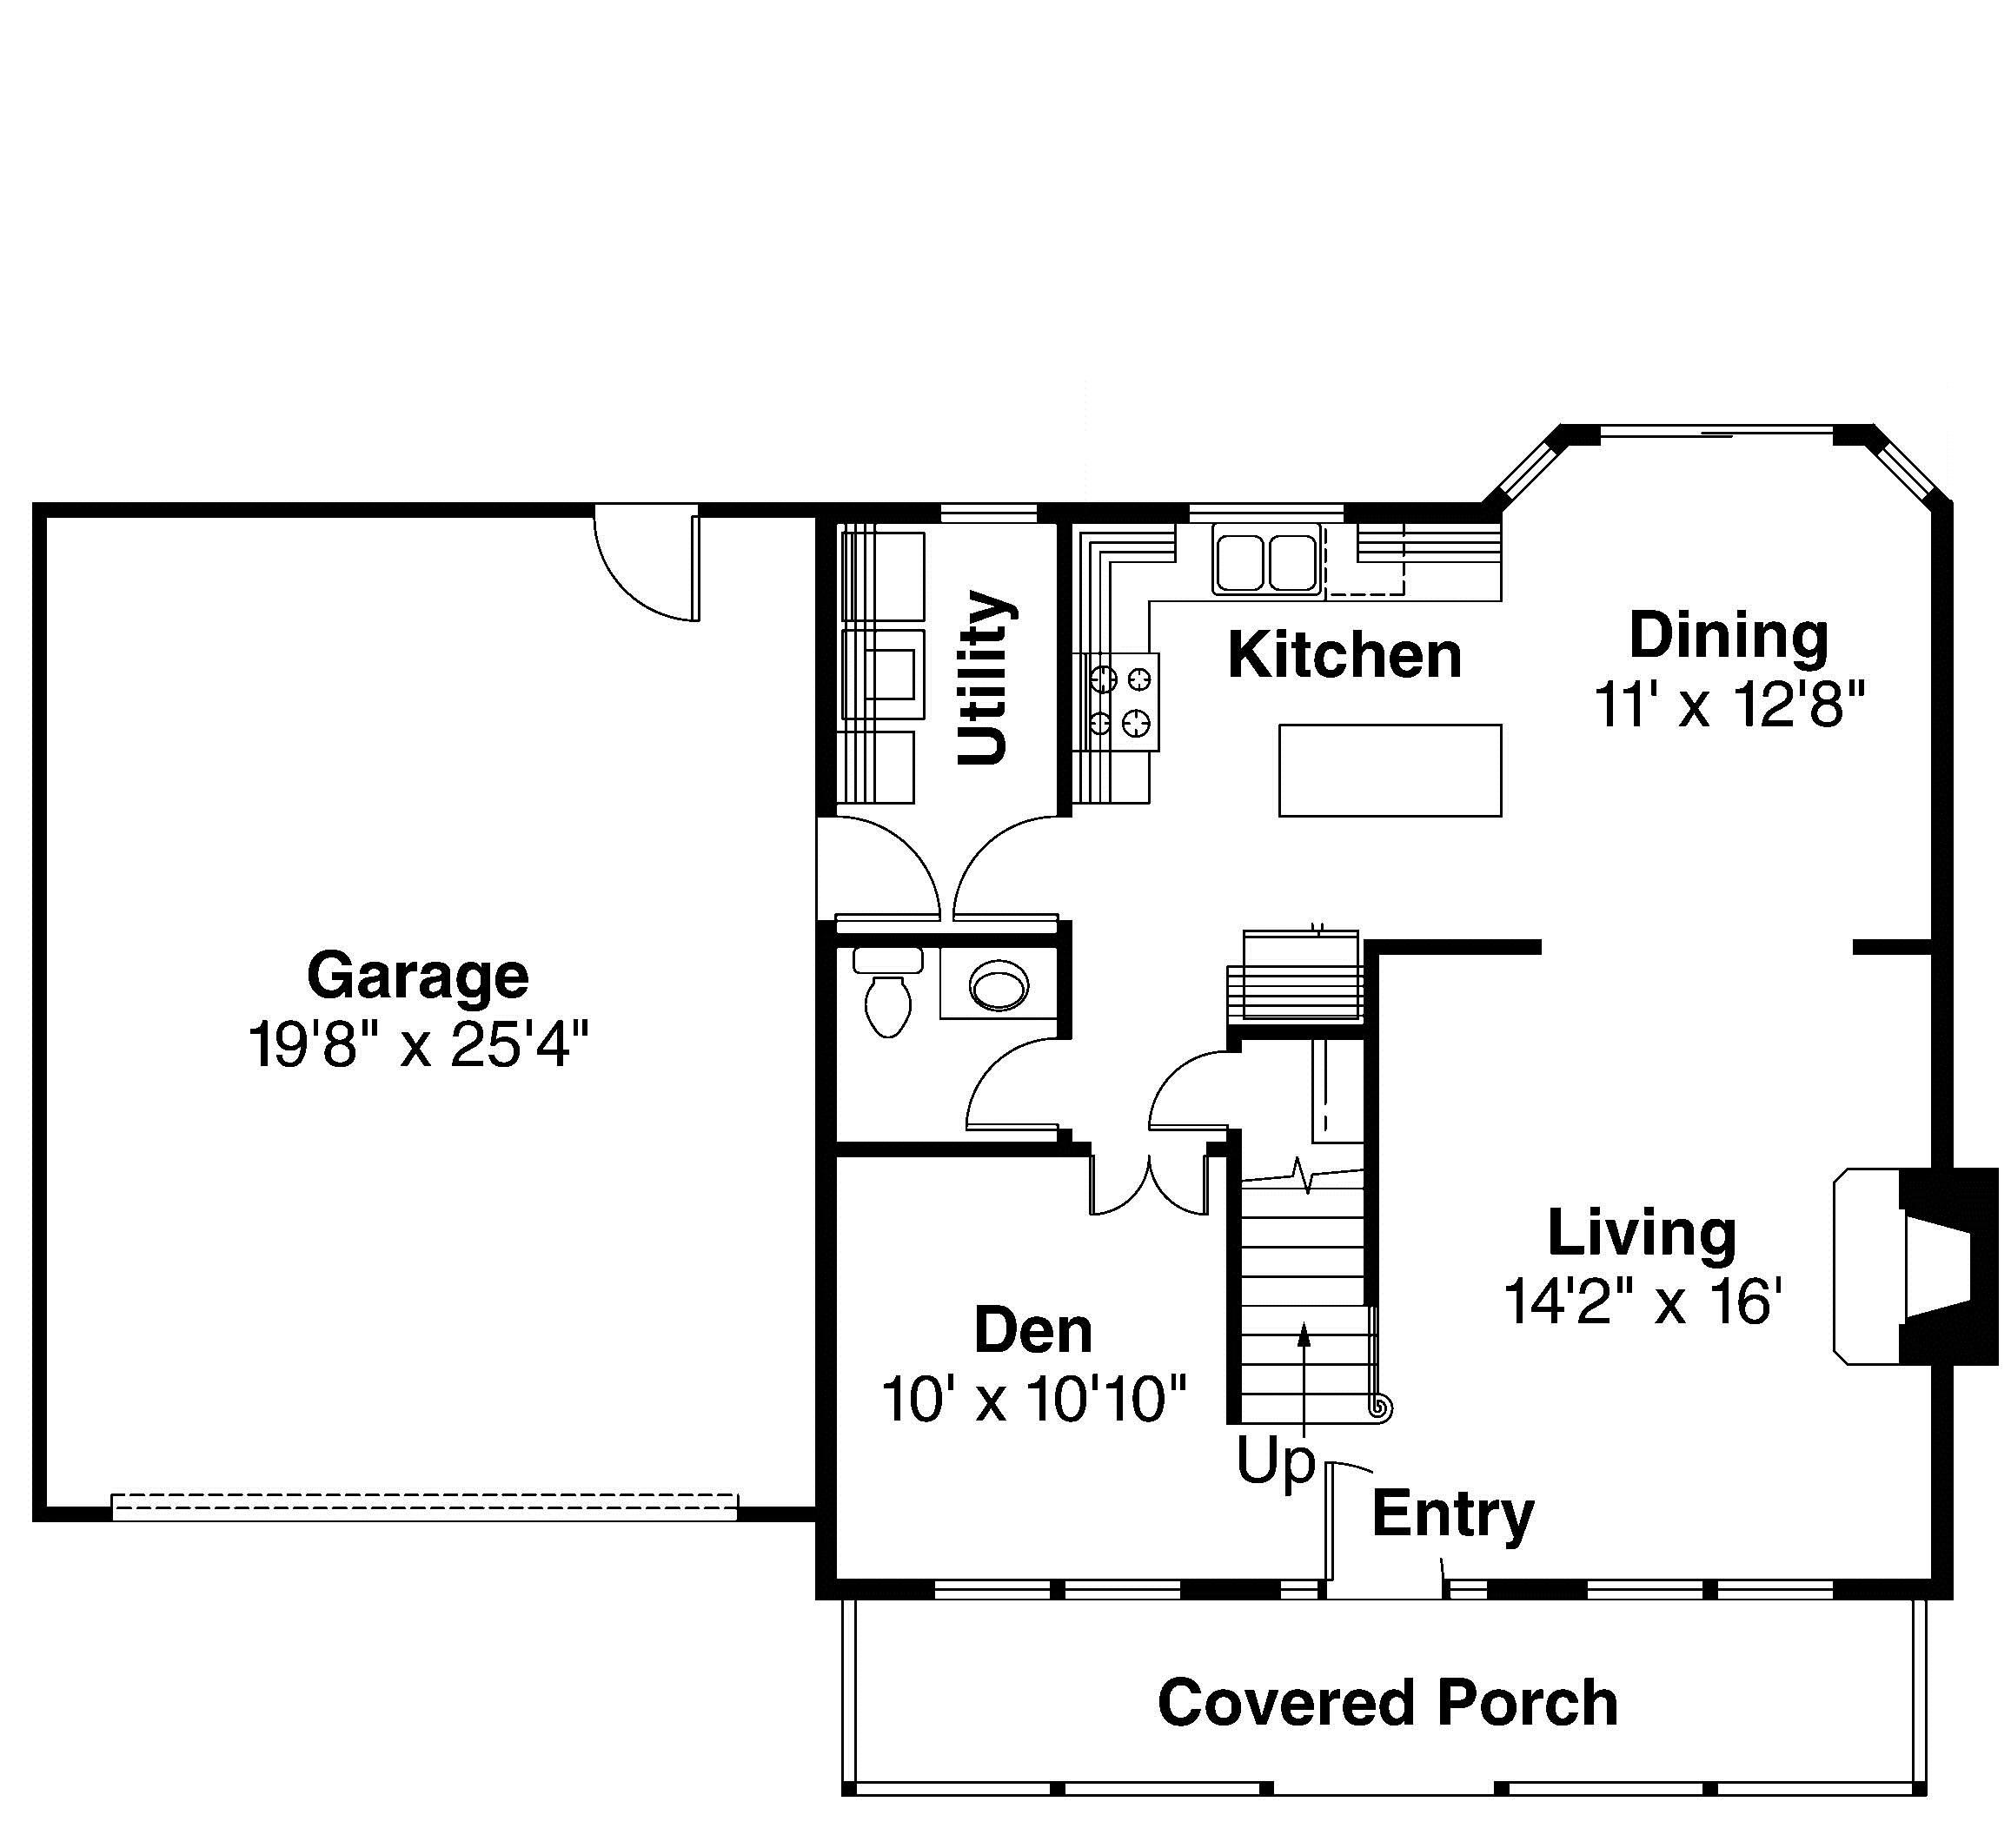 Traditional farm style home plan first floor layout sdl for Custom farmhouse floor plans